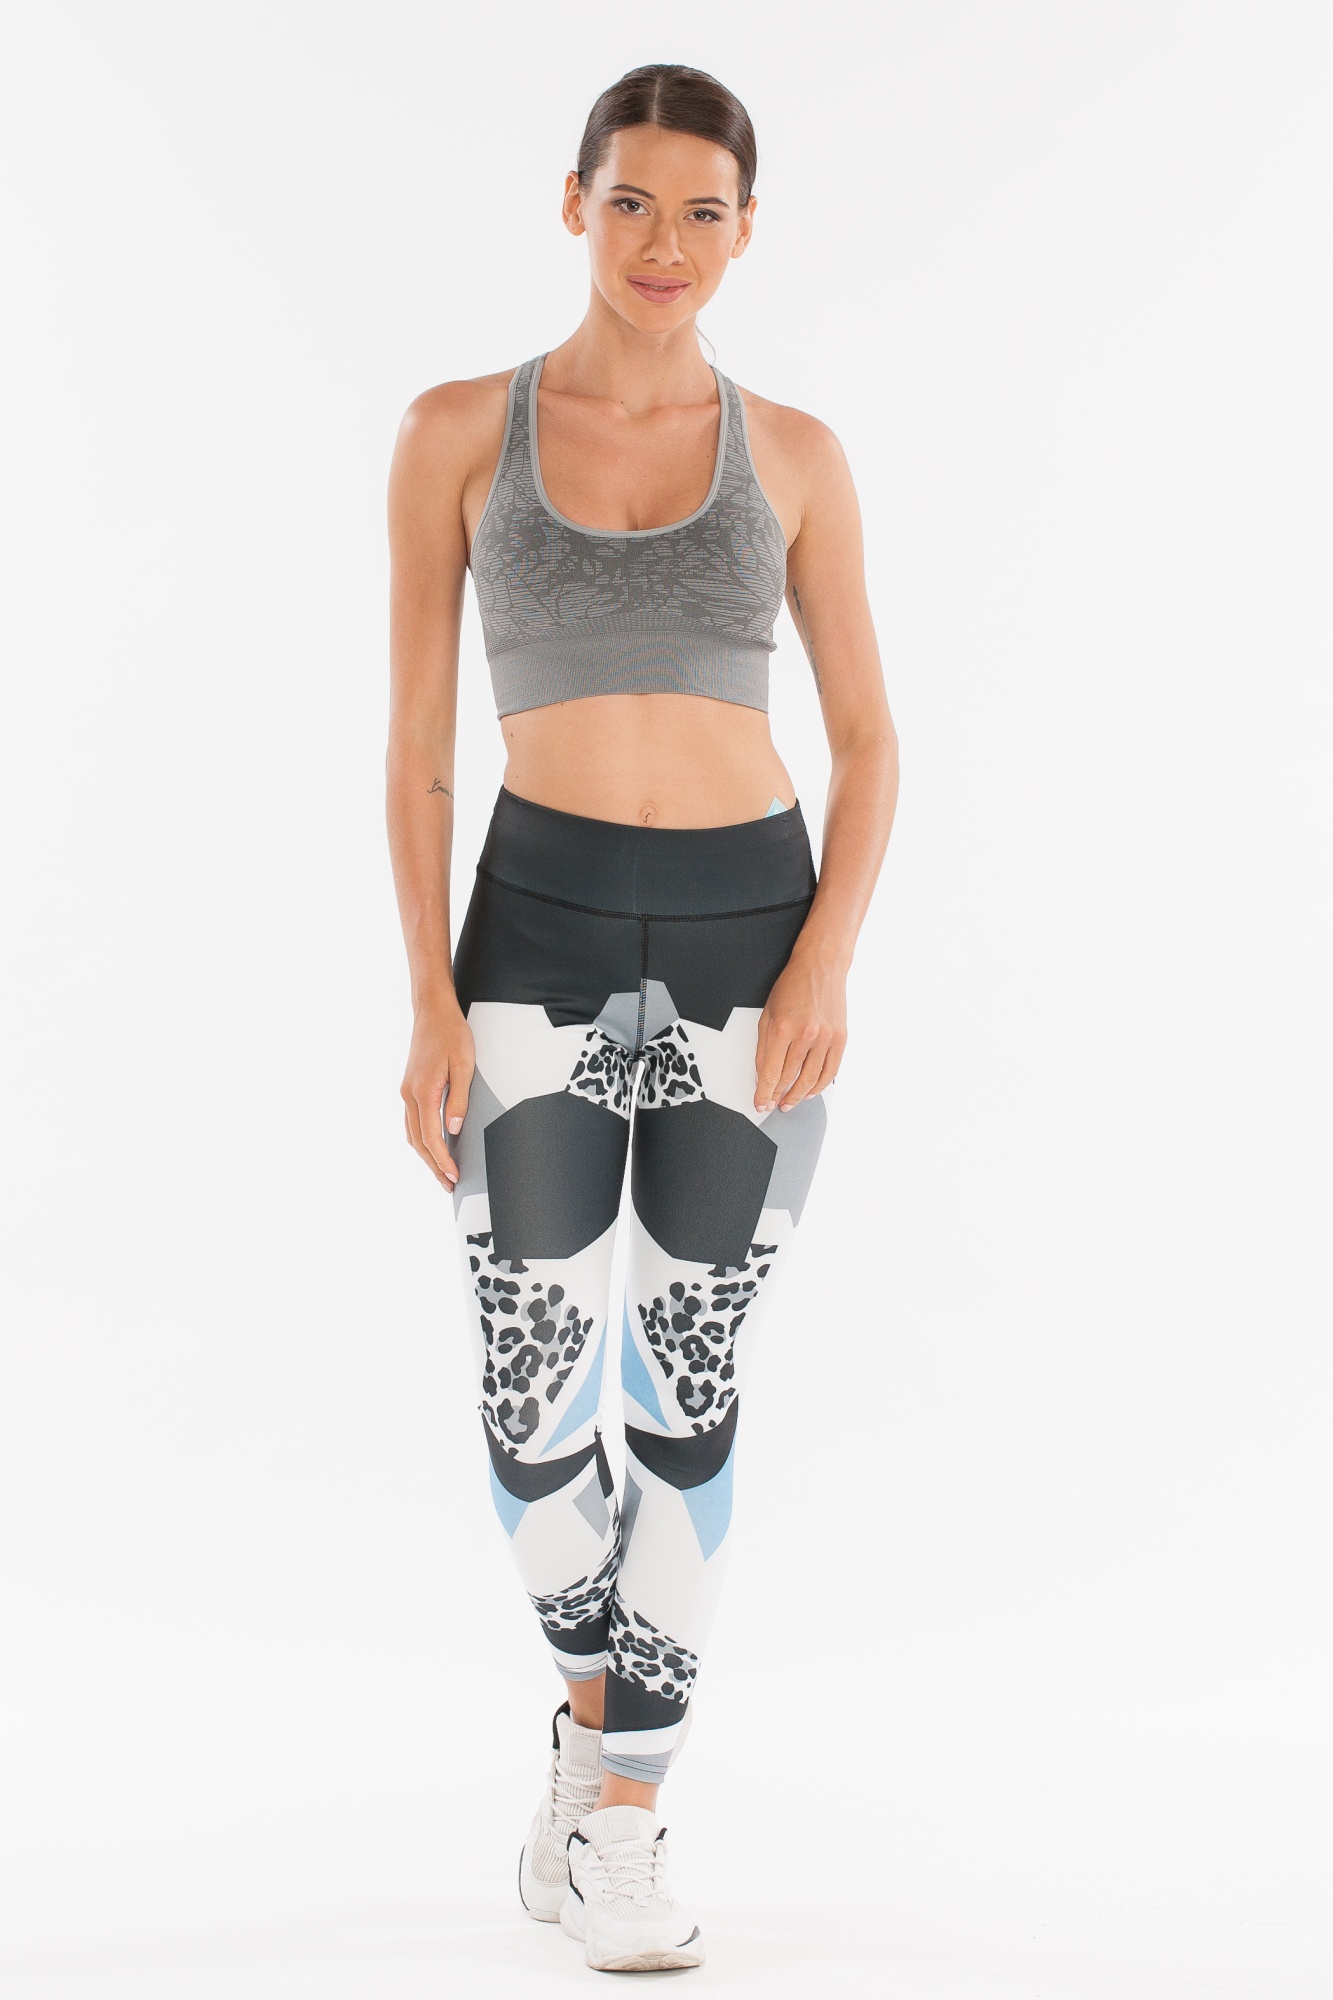 Леггинсы женские Morera, цвет: многоцветный, черный, белый, голубой. Размер S93056 BLUE/WHITE (S)Леггинсы для фитнеса, спорта и бега.